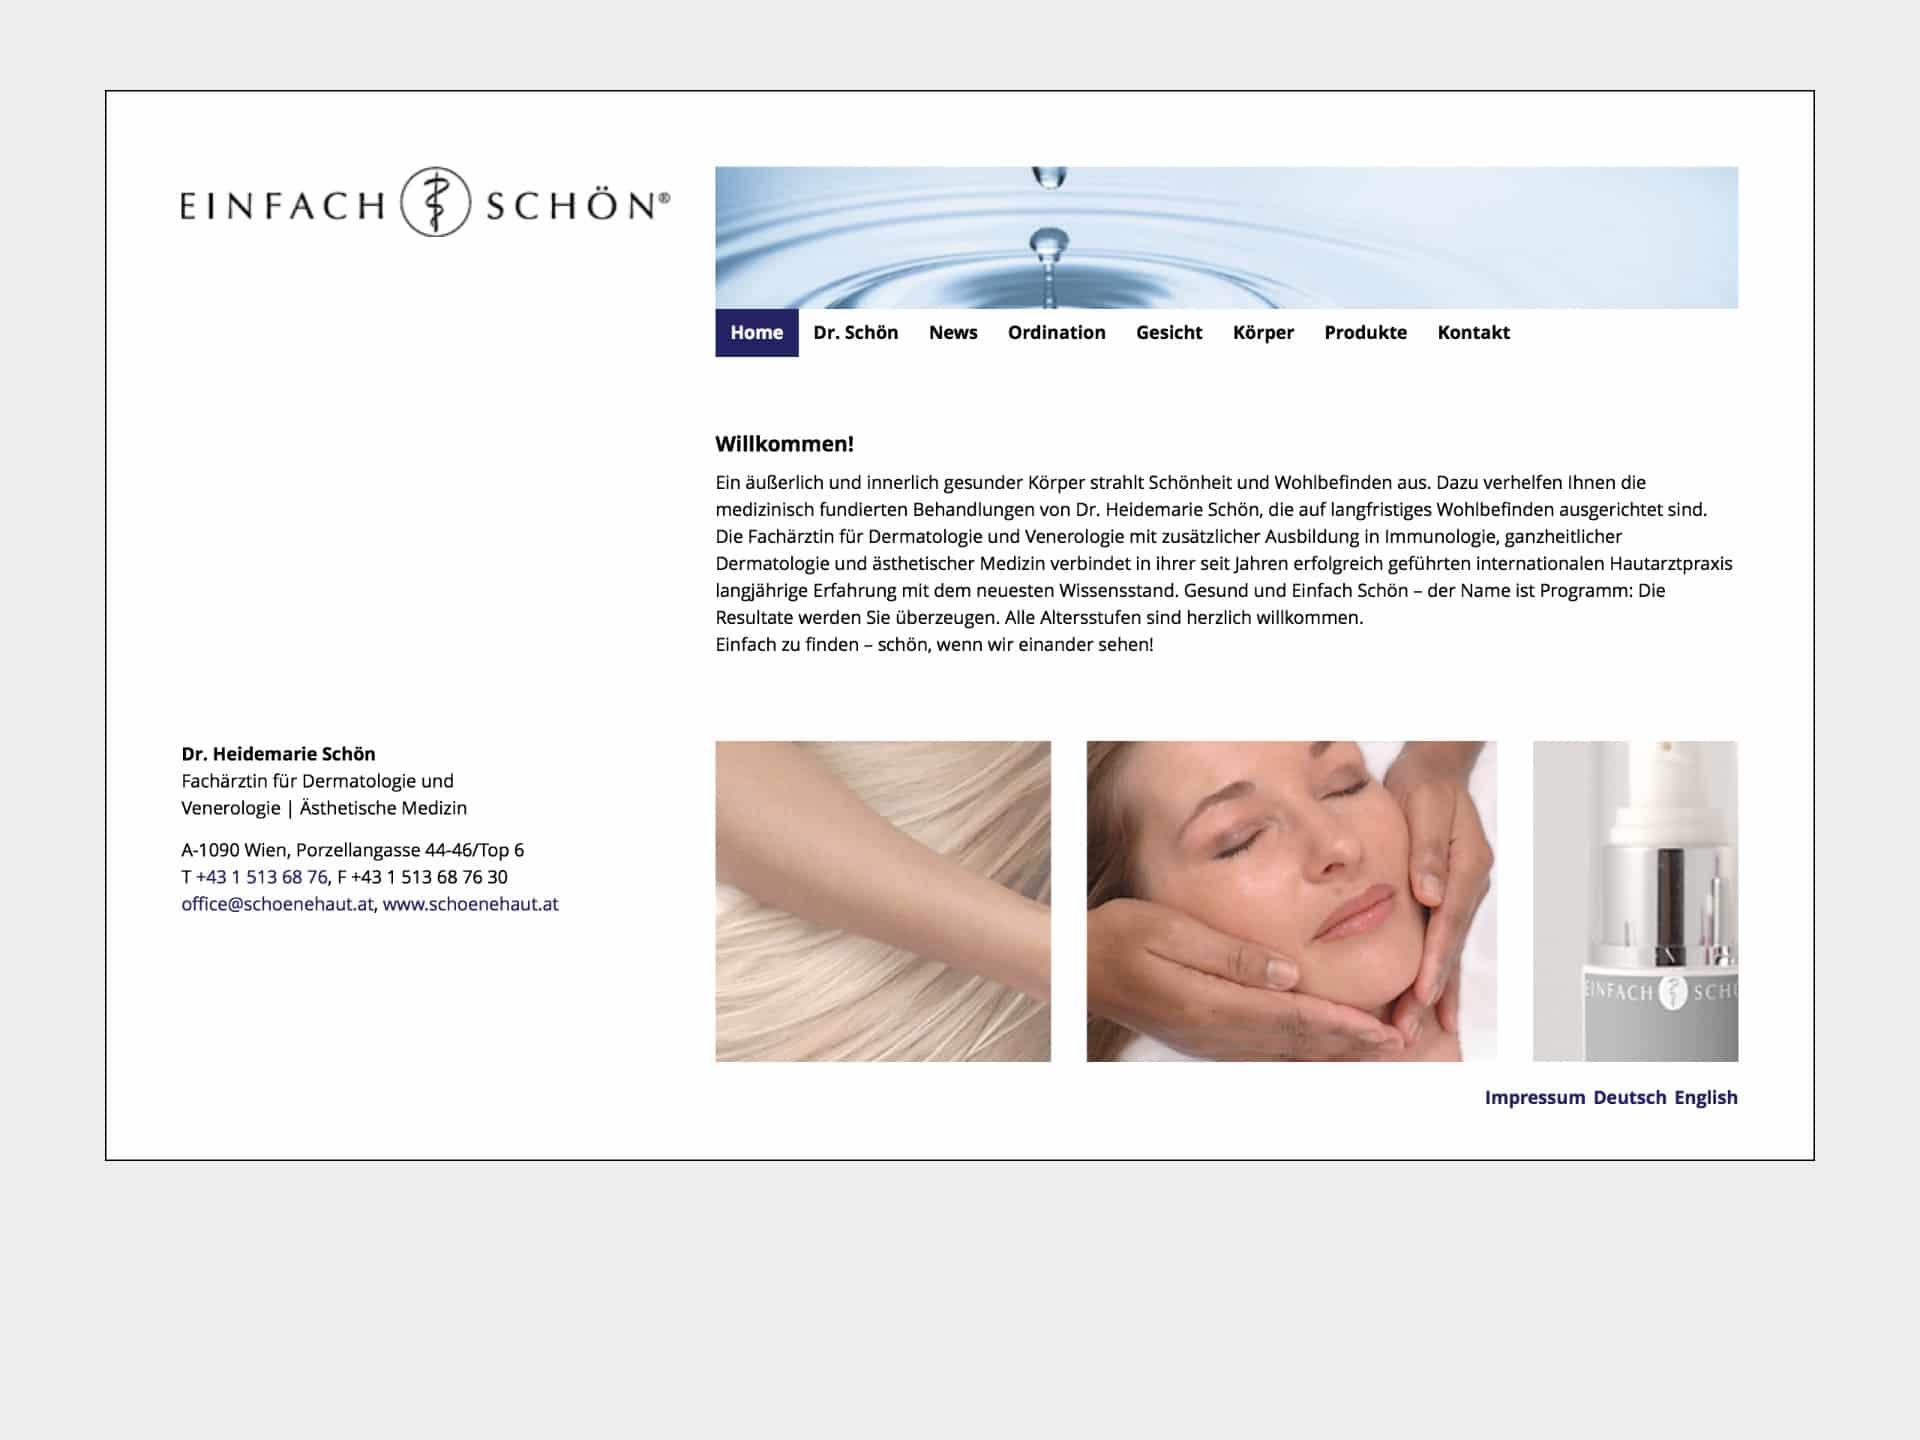 Dr. Heidemarie Schön Website